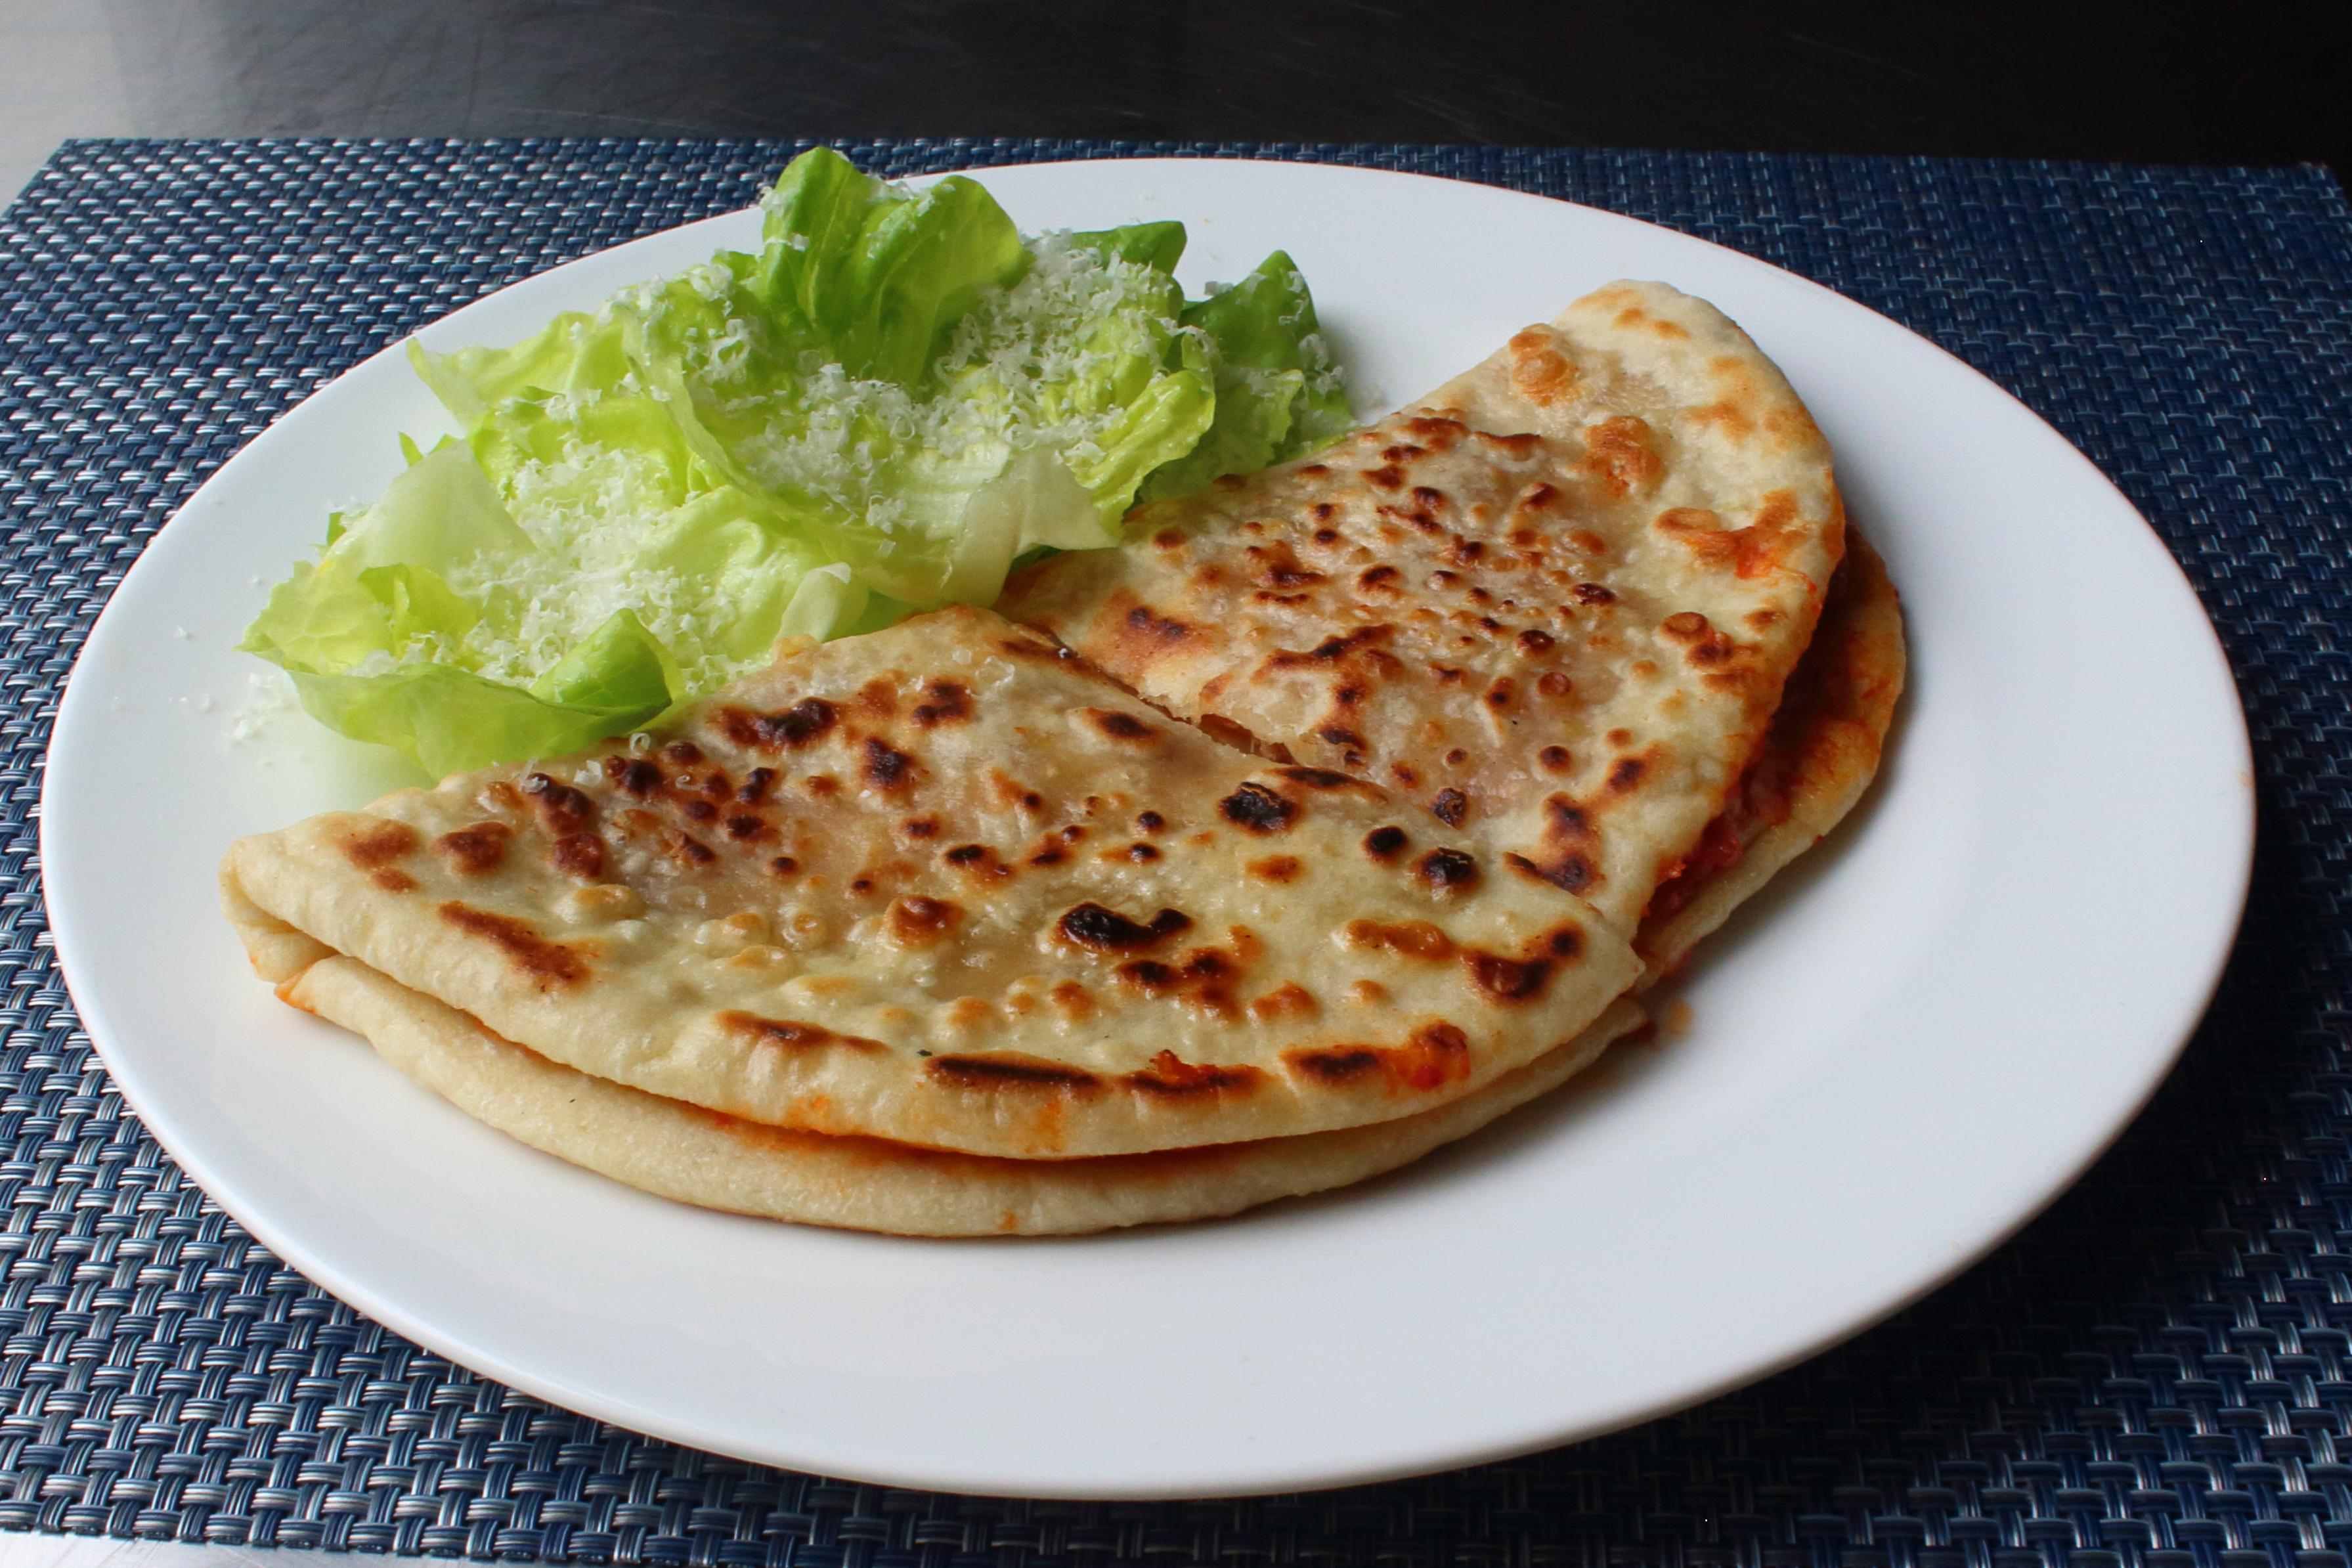 Pizzadilla (Grilled Pizza Sandwich)